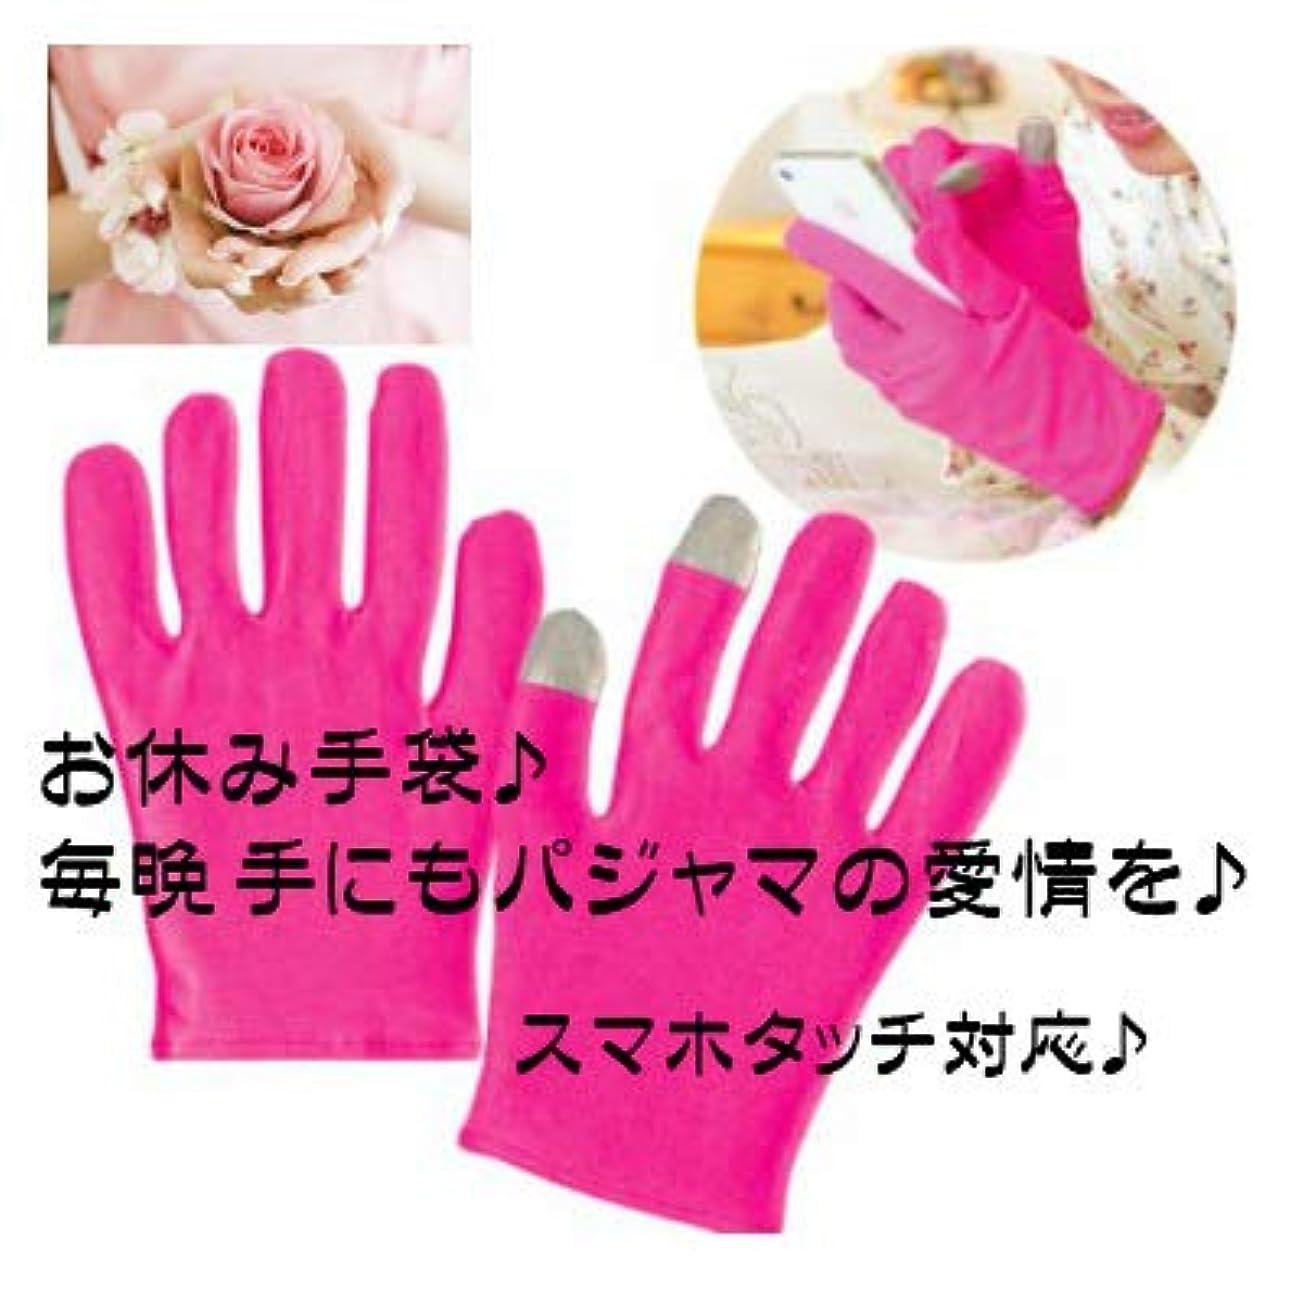 回転する等々周辺●美容ハンドケア手袋 就寝手袋 スマホタッチ対応 おやすみ手袋保湿手袋ネイルケア